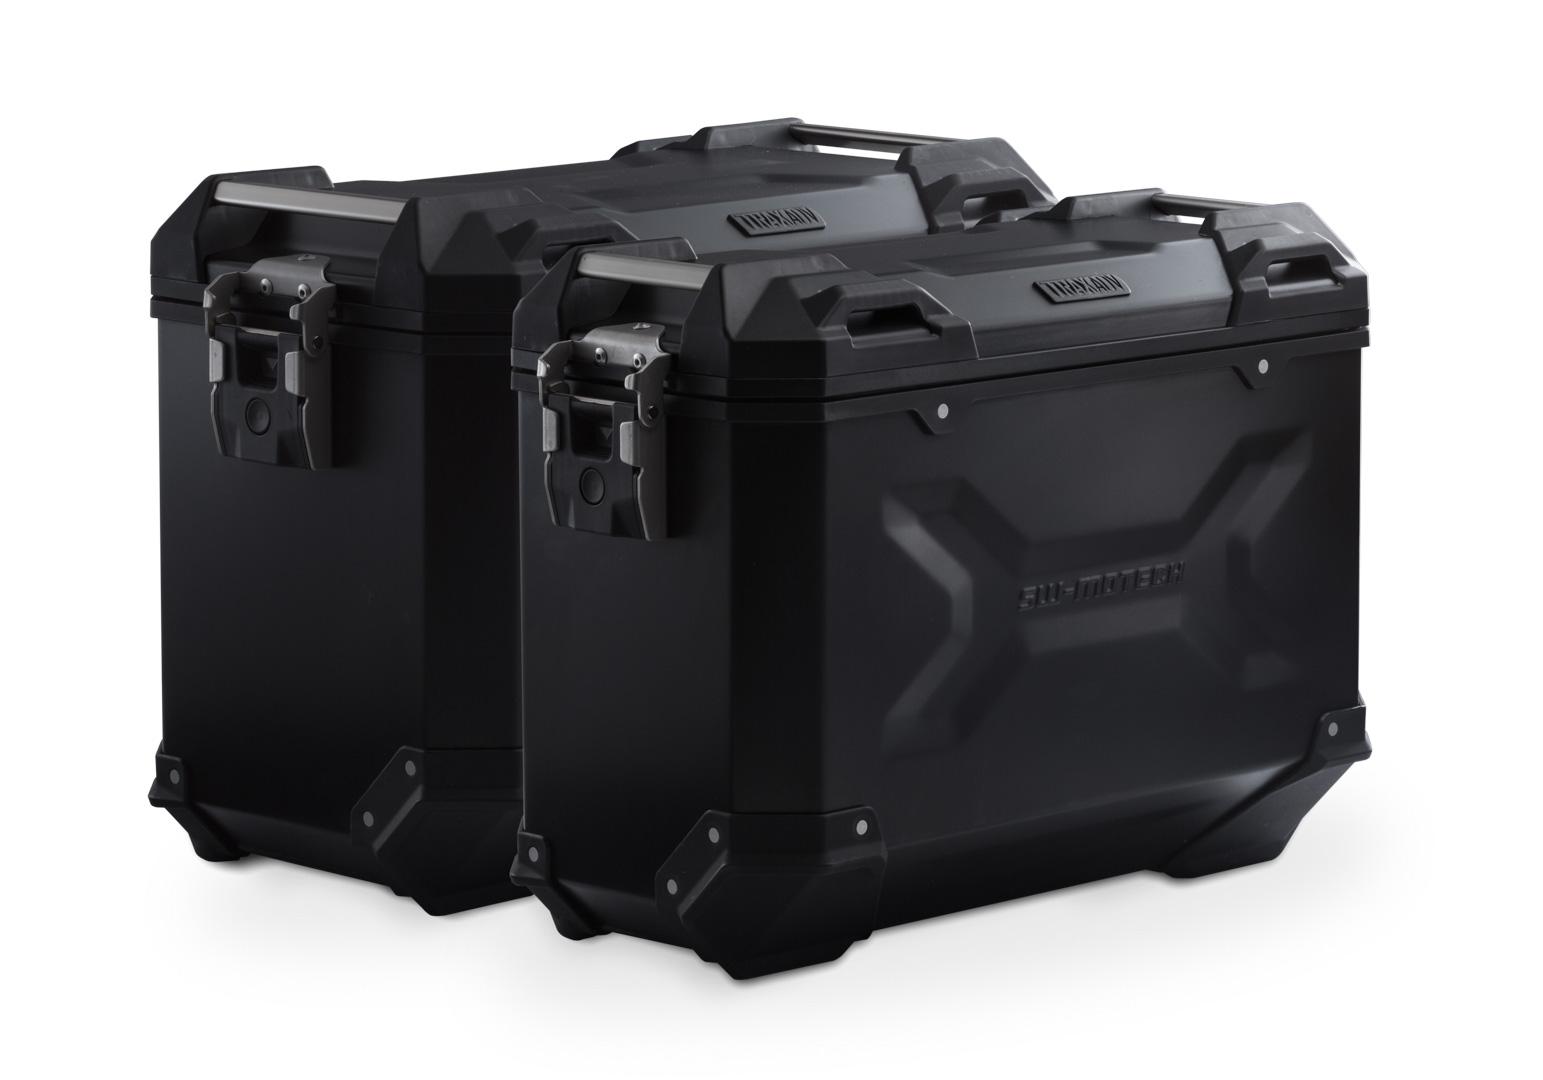 Sistema de maletas TRAX ADV Negro 45/37 l R1200GS LC/Adv/Rallye, R1250GS  motónity